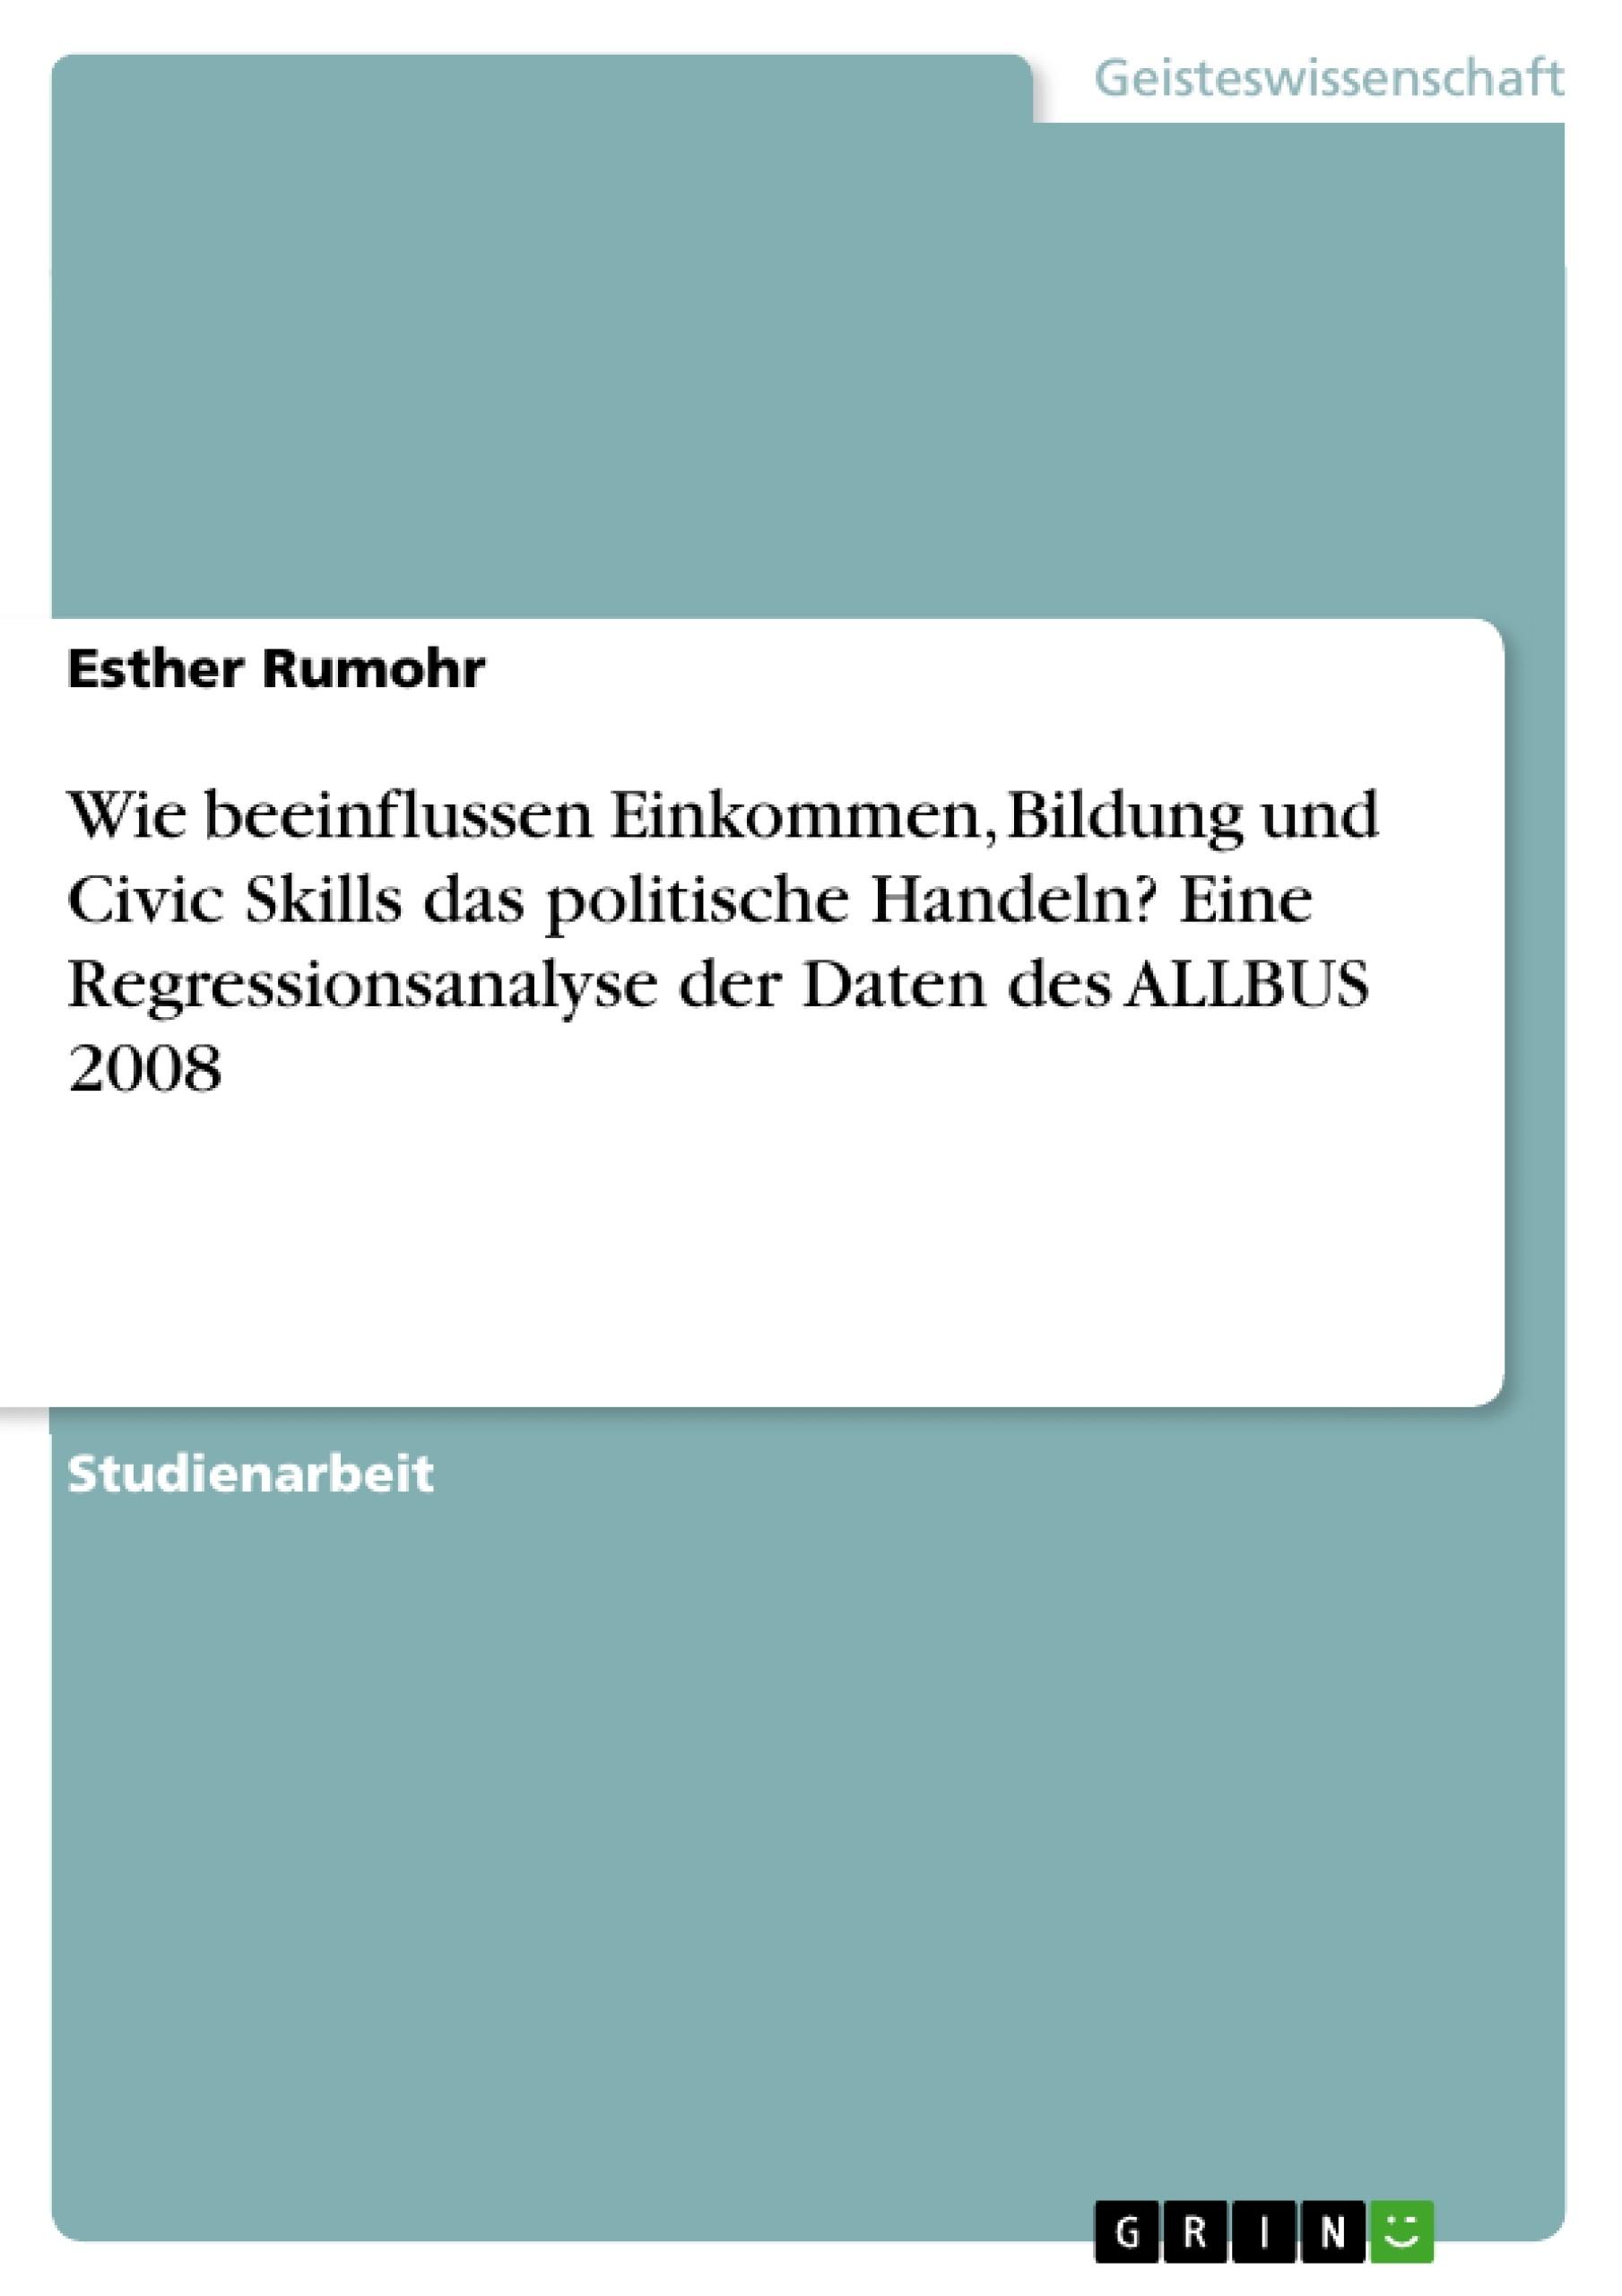 Titel: Wie beeinflussen Einkommen, Bildung und Civic Skills das politische Handeln? Eine Regressionsanalyse der Daten des ALLBUS 2008